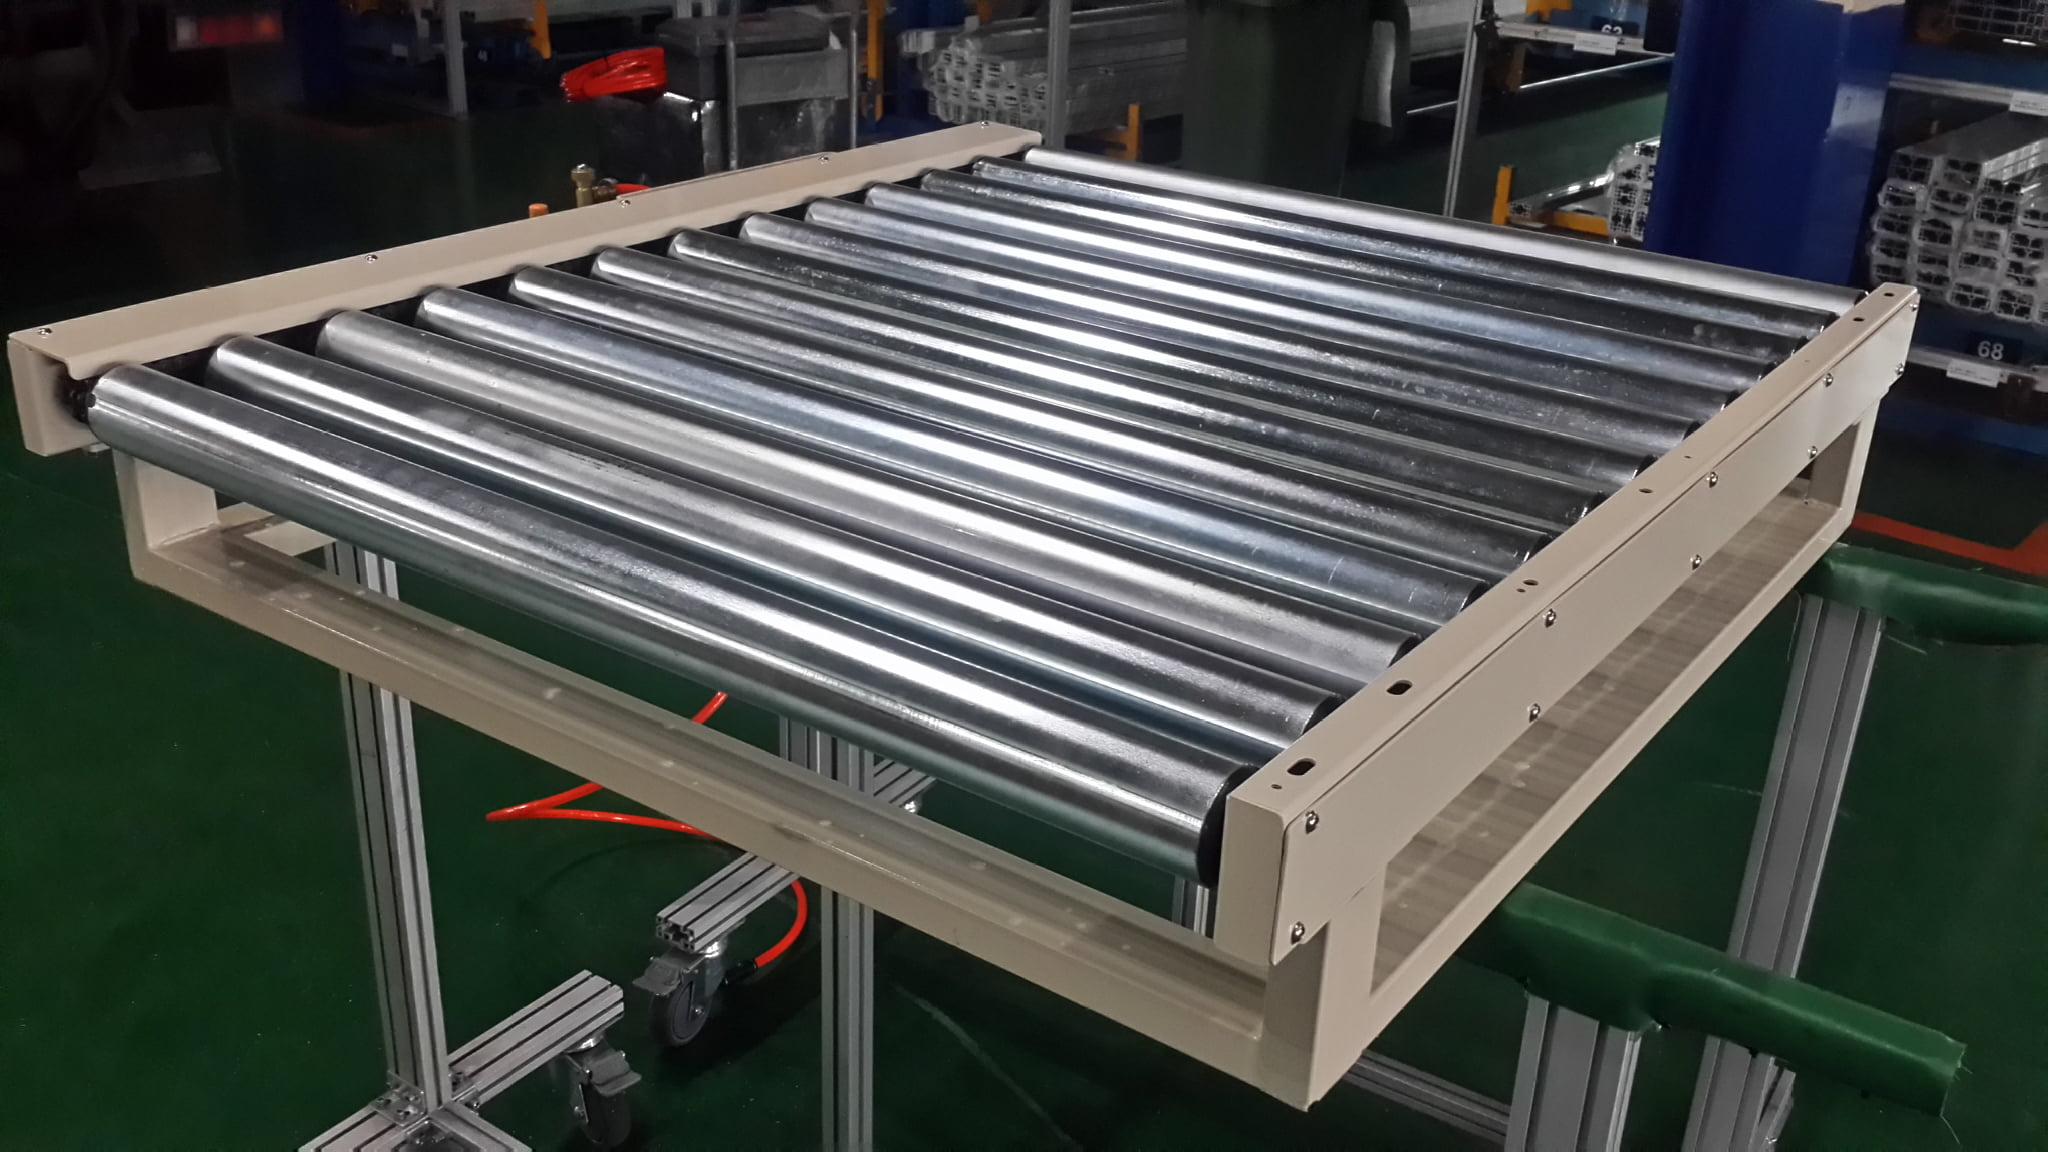 輸送機械自動化設備 輸送帶械自動化設備 輸送械自動化設備設備 皮帶輸送機械自動化設備 螺旋輸送機械自動化設備 滾筒